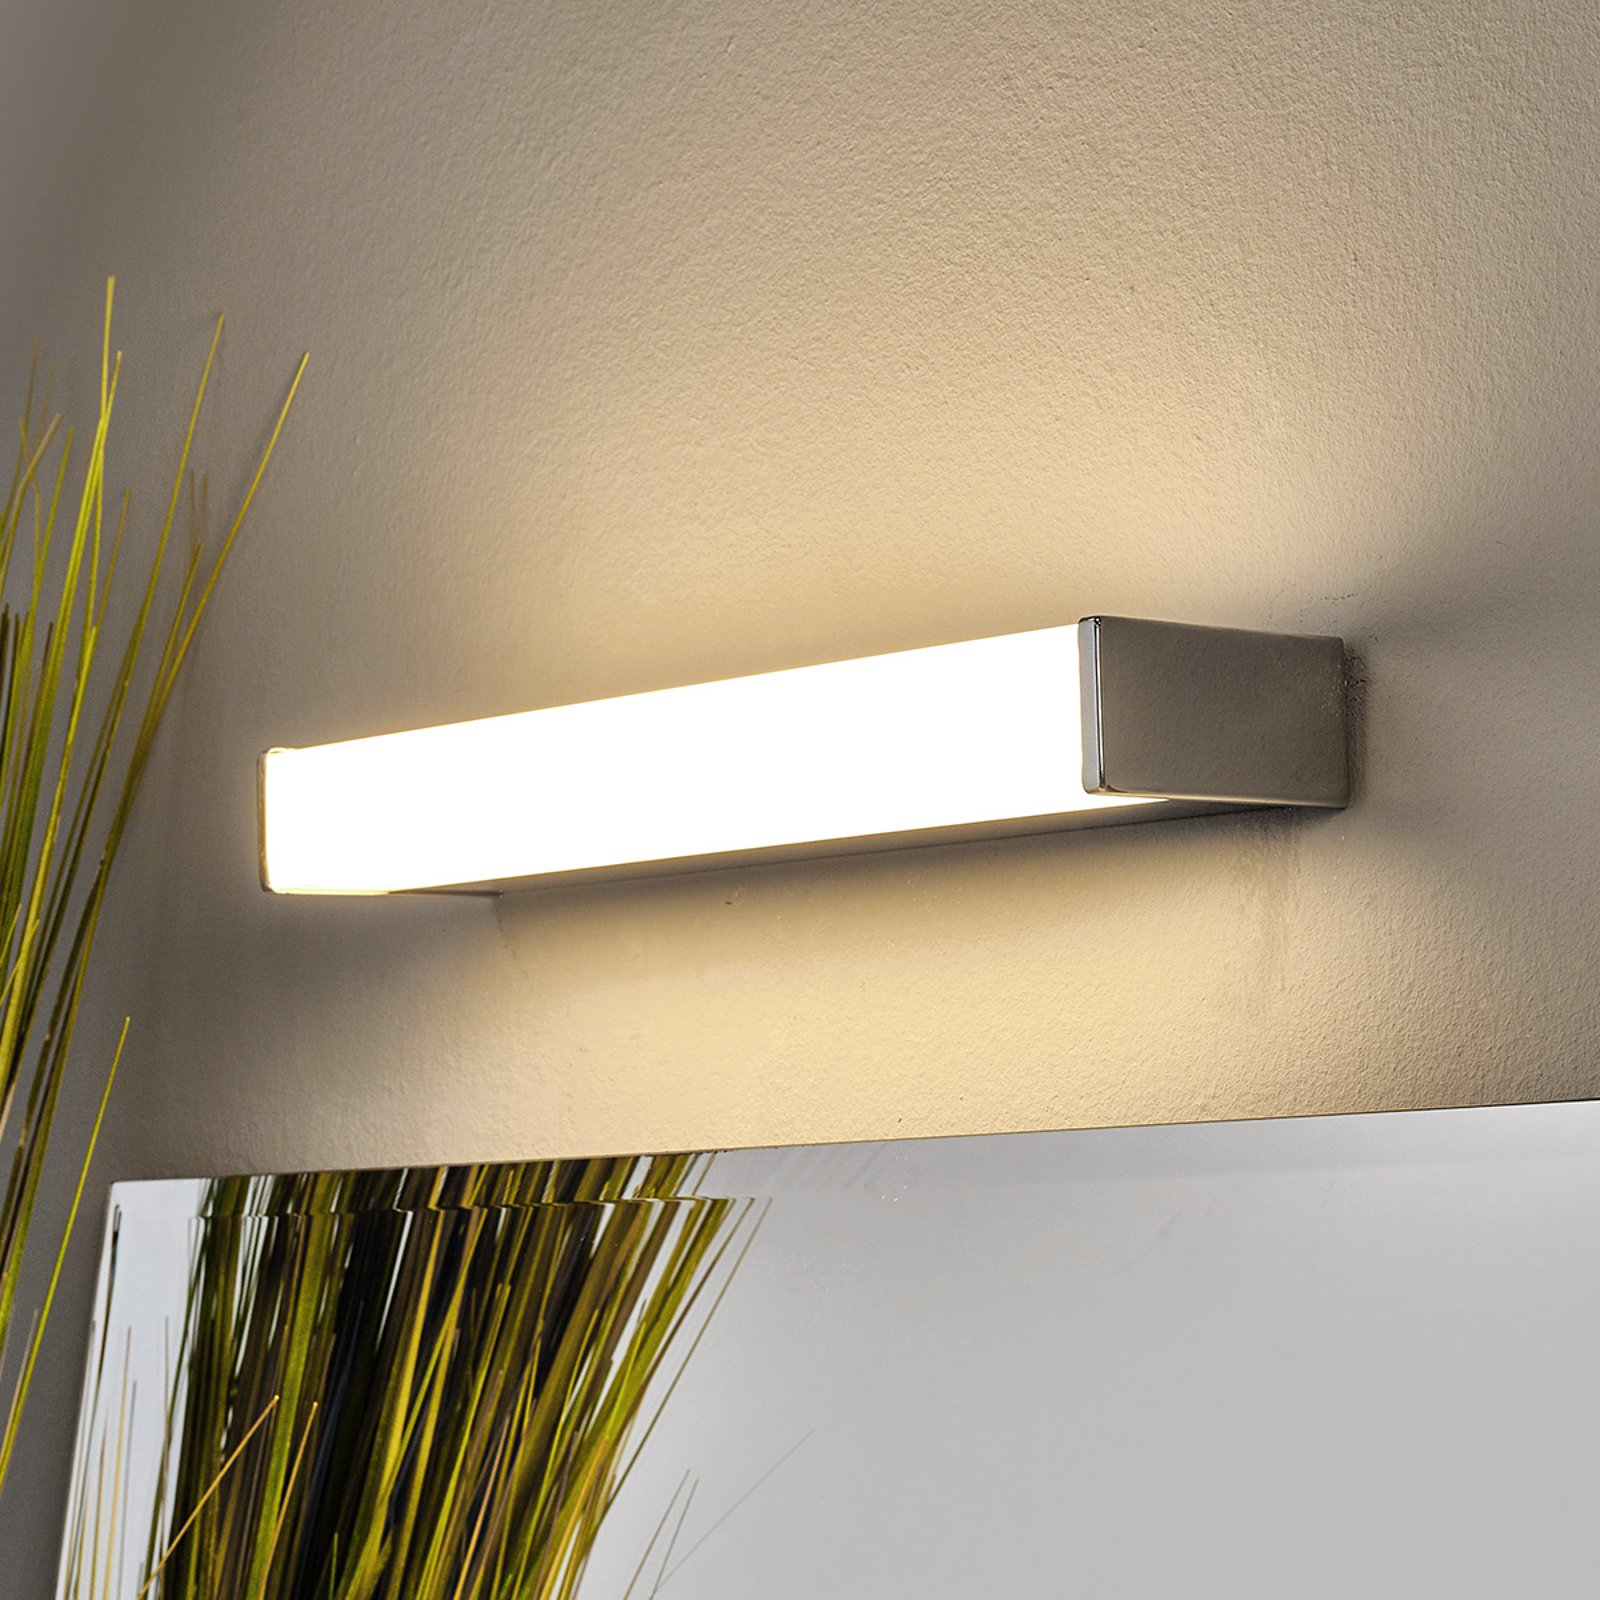 LED-bad- og speillampe Philippa kantet 32 cm